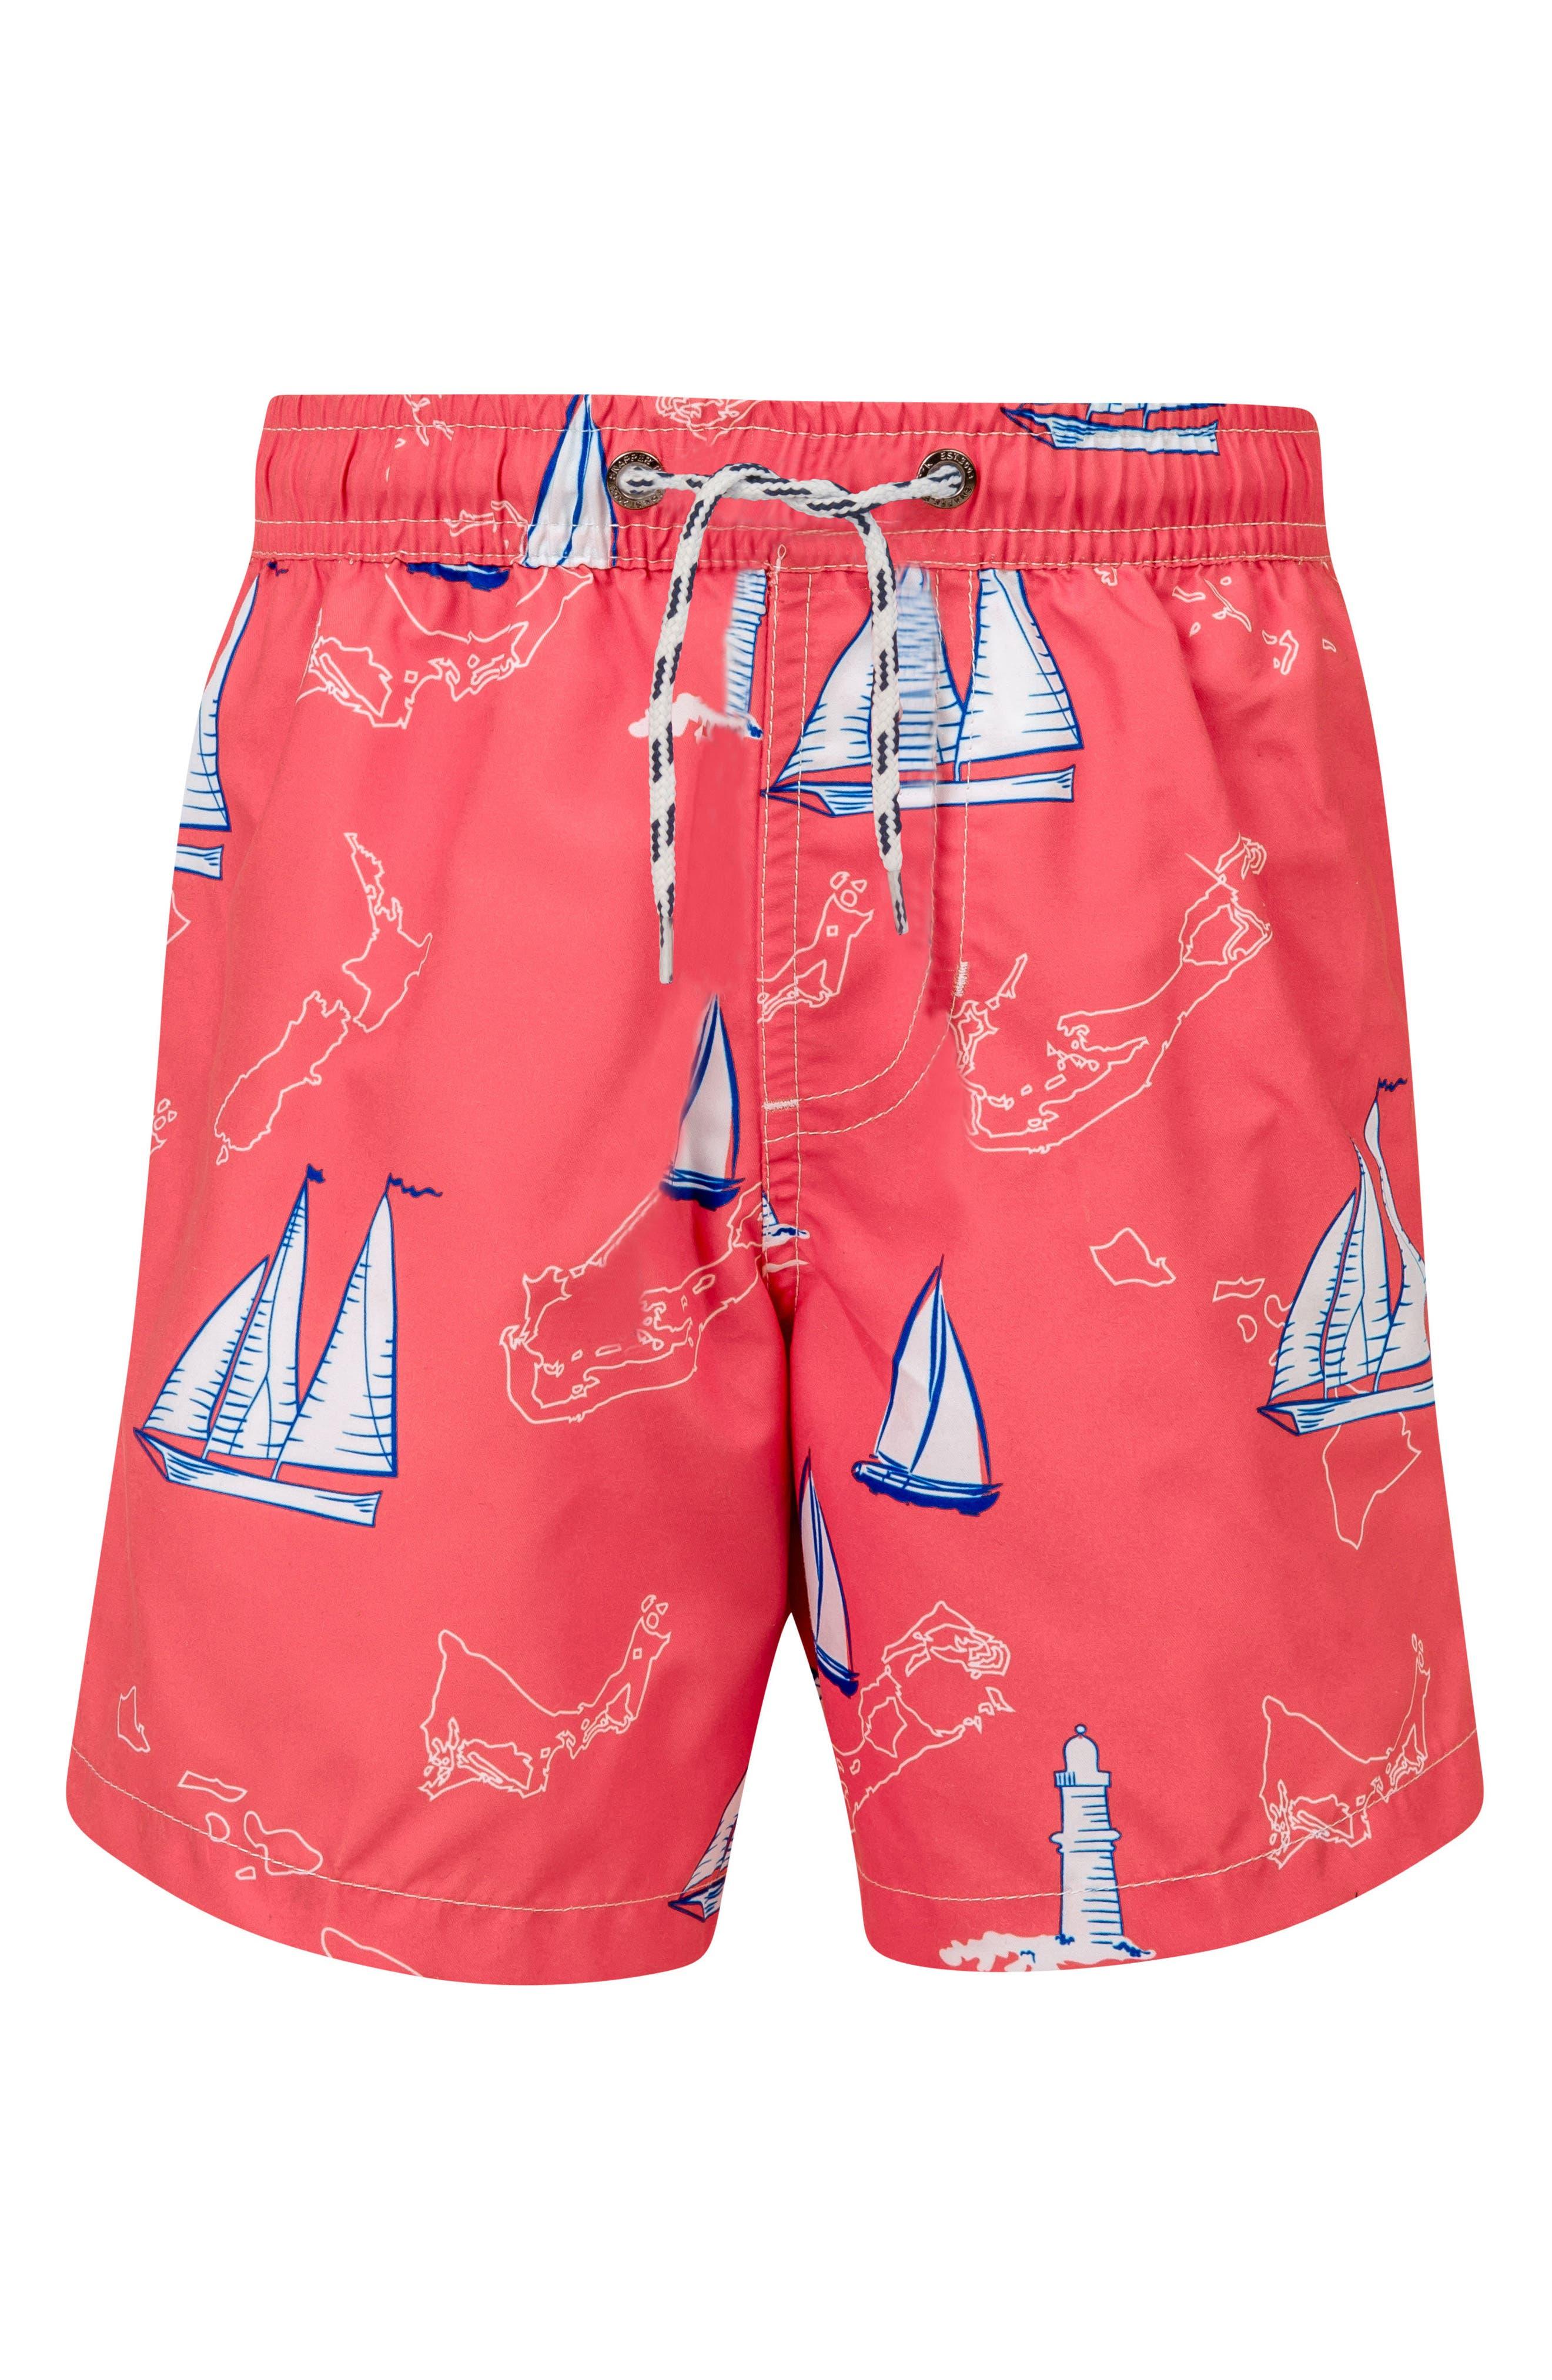 Main Image - Snapper Rock Island Sail Board Shorts (Big Boys)